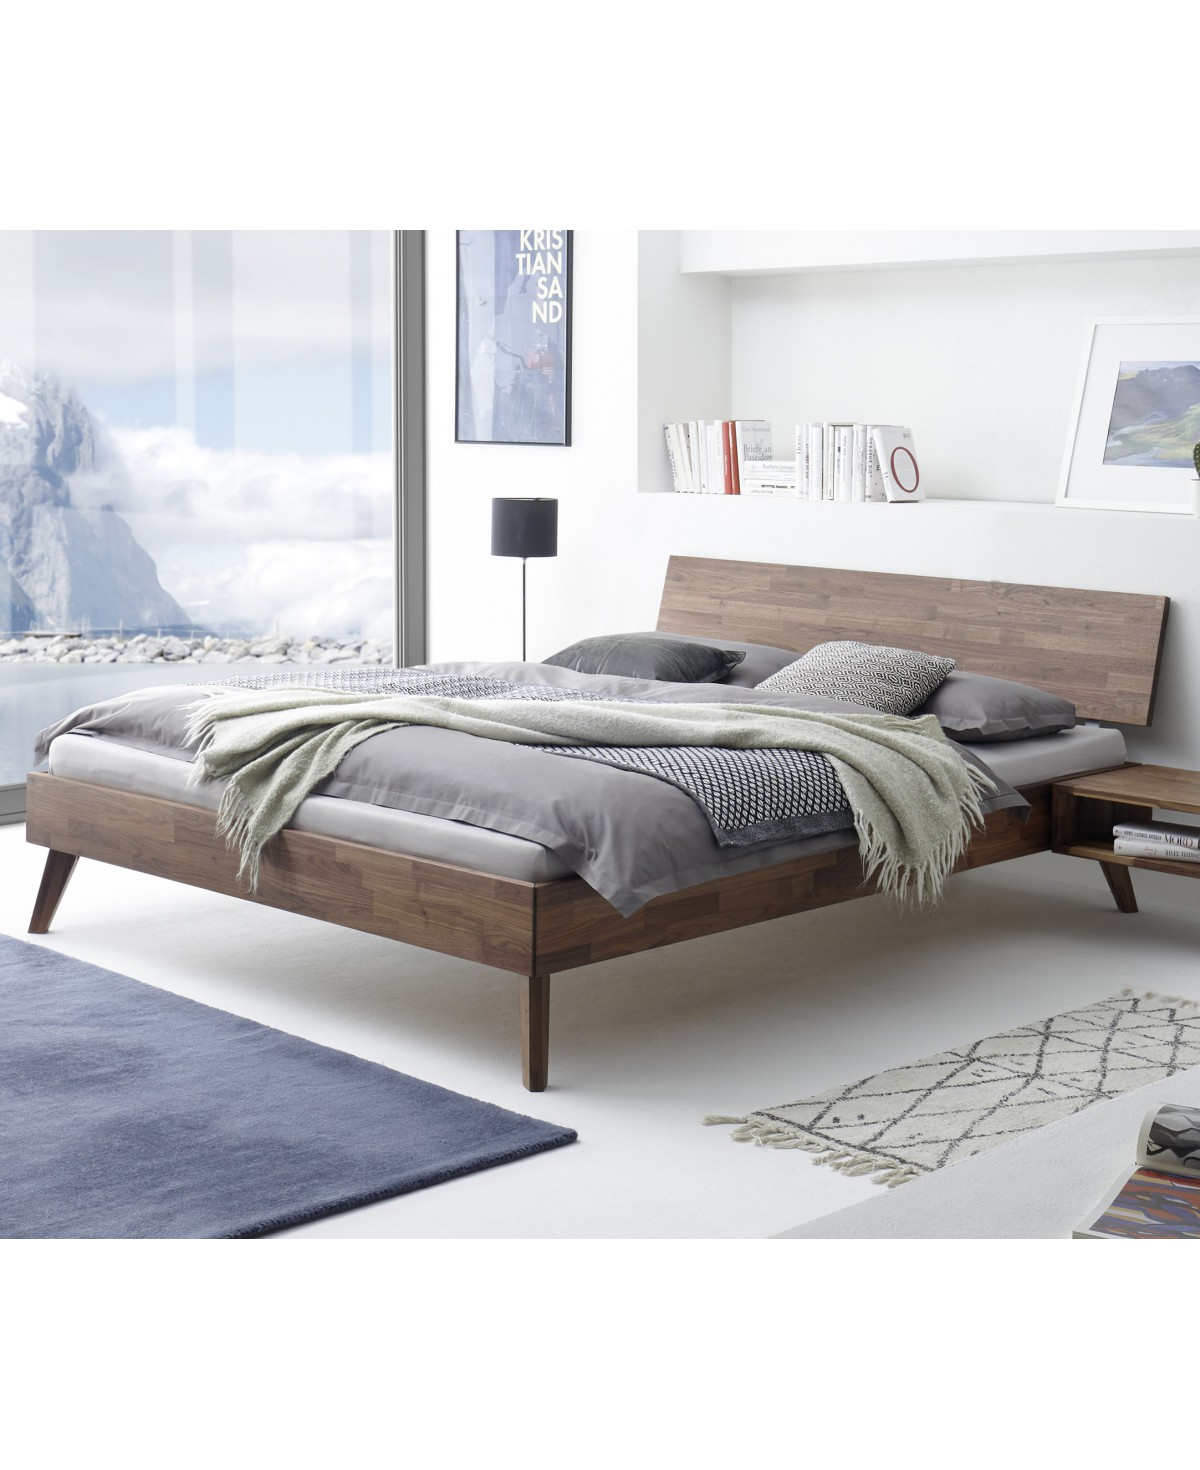 Full Size of Bett 90x200 Weiß Mit Schubladen Konfigurieren 160x200 Komplett Metall 180x200 Bettkasten Amazon Betten Günstig Bettwäsche Sprüche Weißes Designer Bett 180x200 Bett